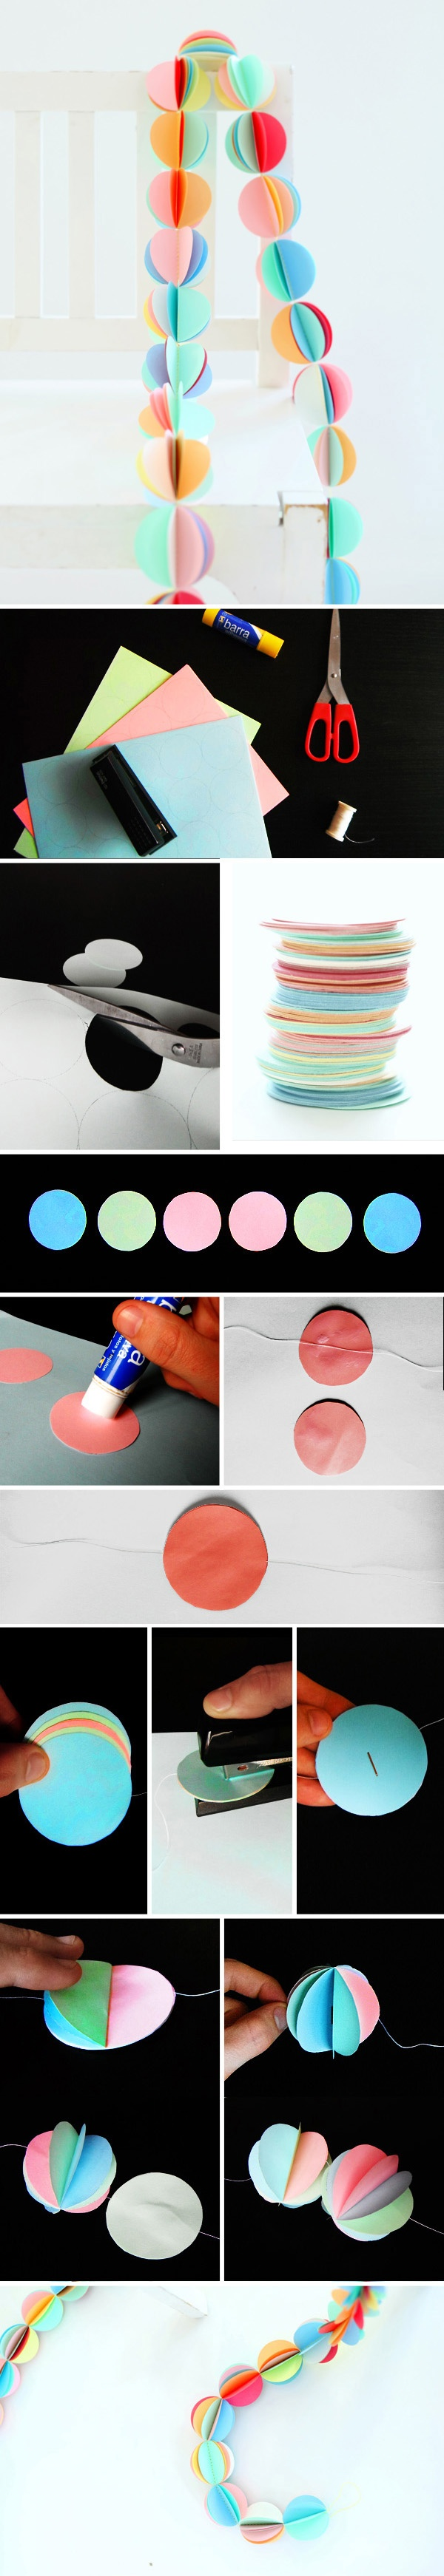 Grinalda de círculos de papel! Dá pra enfeitar um aniversário, festa ou até mesmo o quarto! *-* cor para todos os lados!